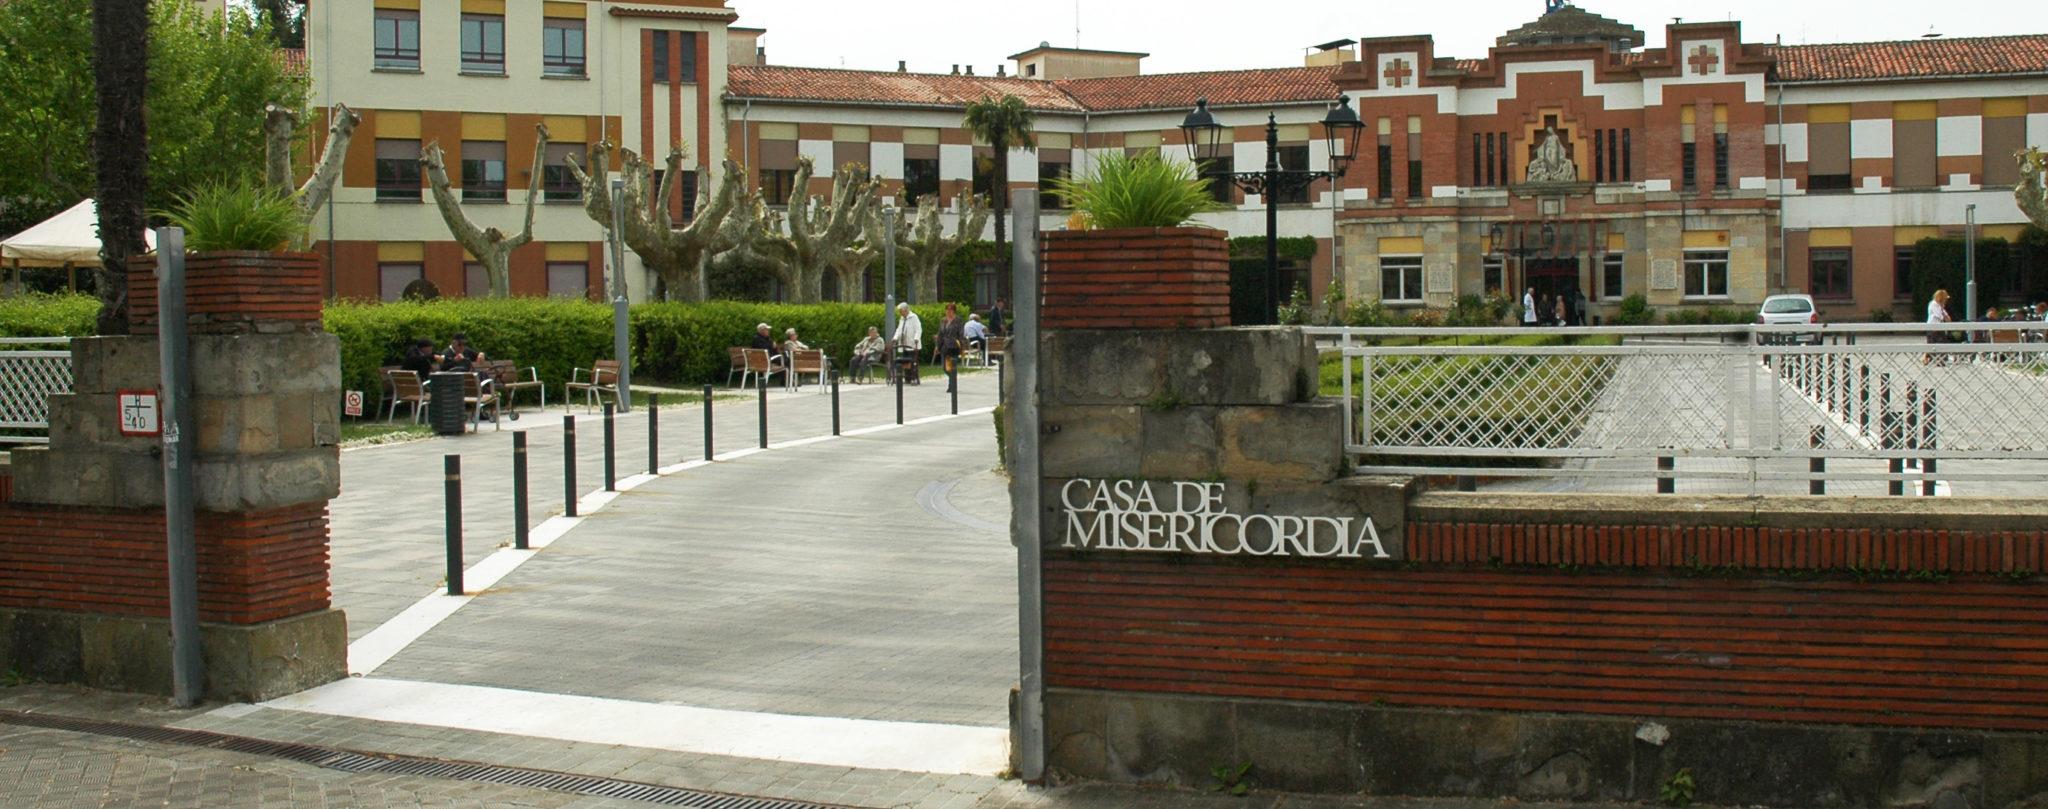 Puerta exterior de la Casa de Misericordia